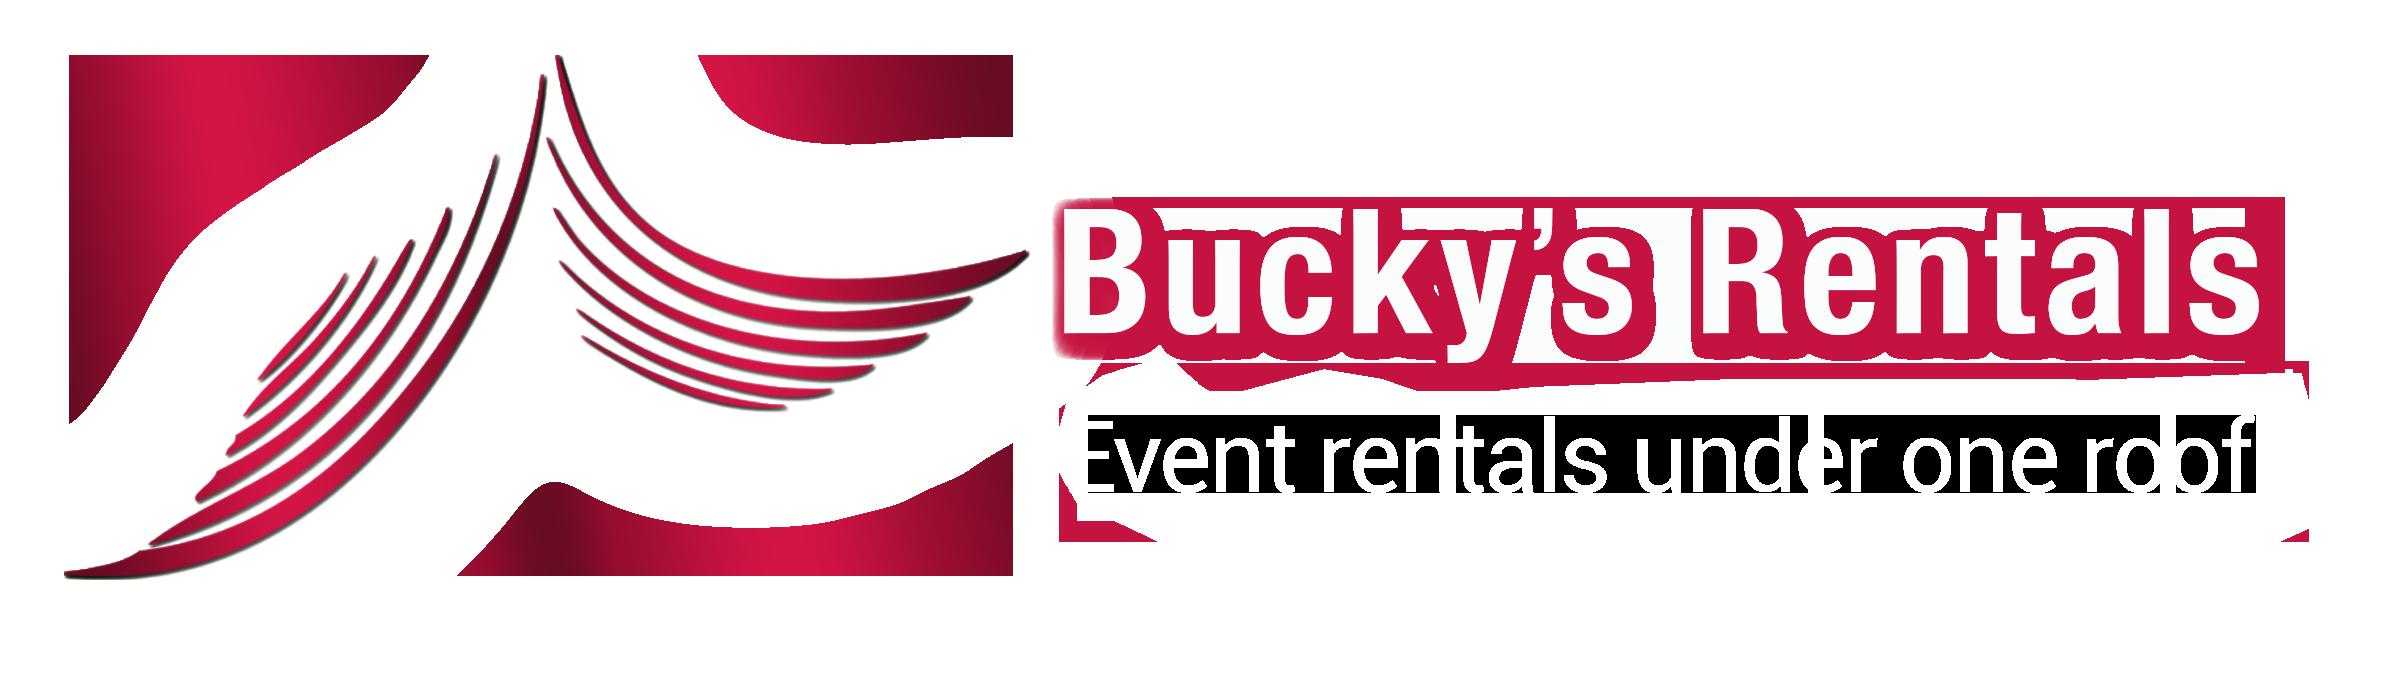 Bucky's Rentals